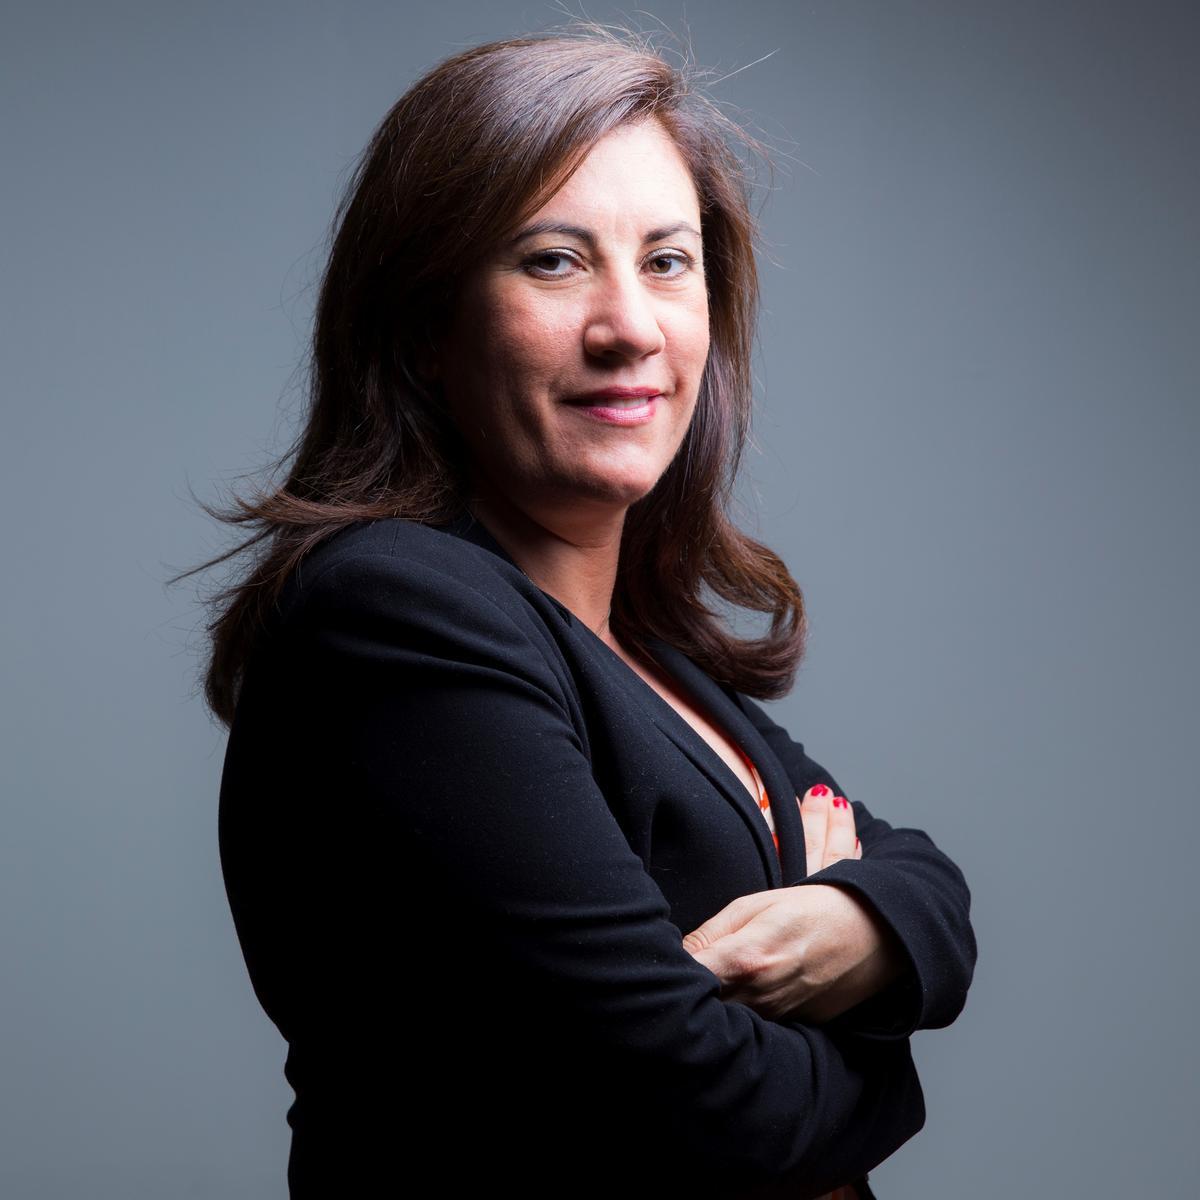 Le prix Business with Attitude - Madame Figaro a sélectionné quinze demi-finalistes. Marie-Christine Levet, fondatrice de Educapital, une start-up qui veut revitaliser le système éducatif français, concourt dans la catégorie Savoirs.